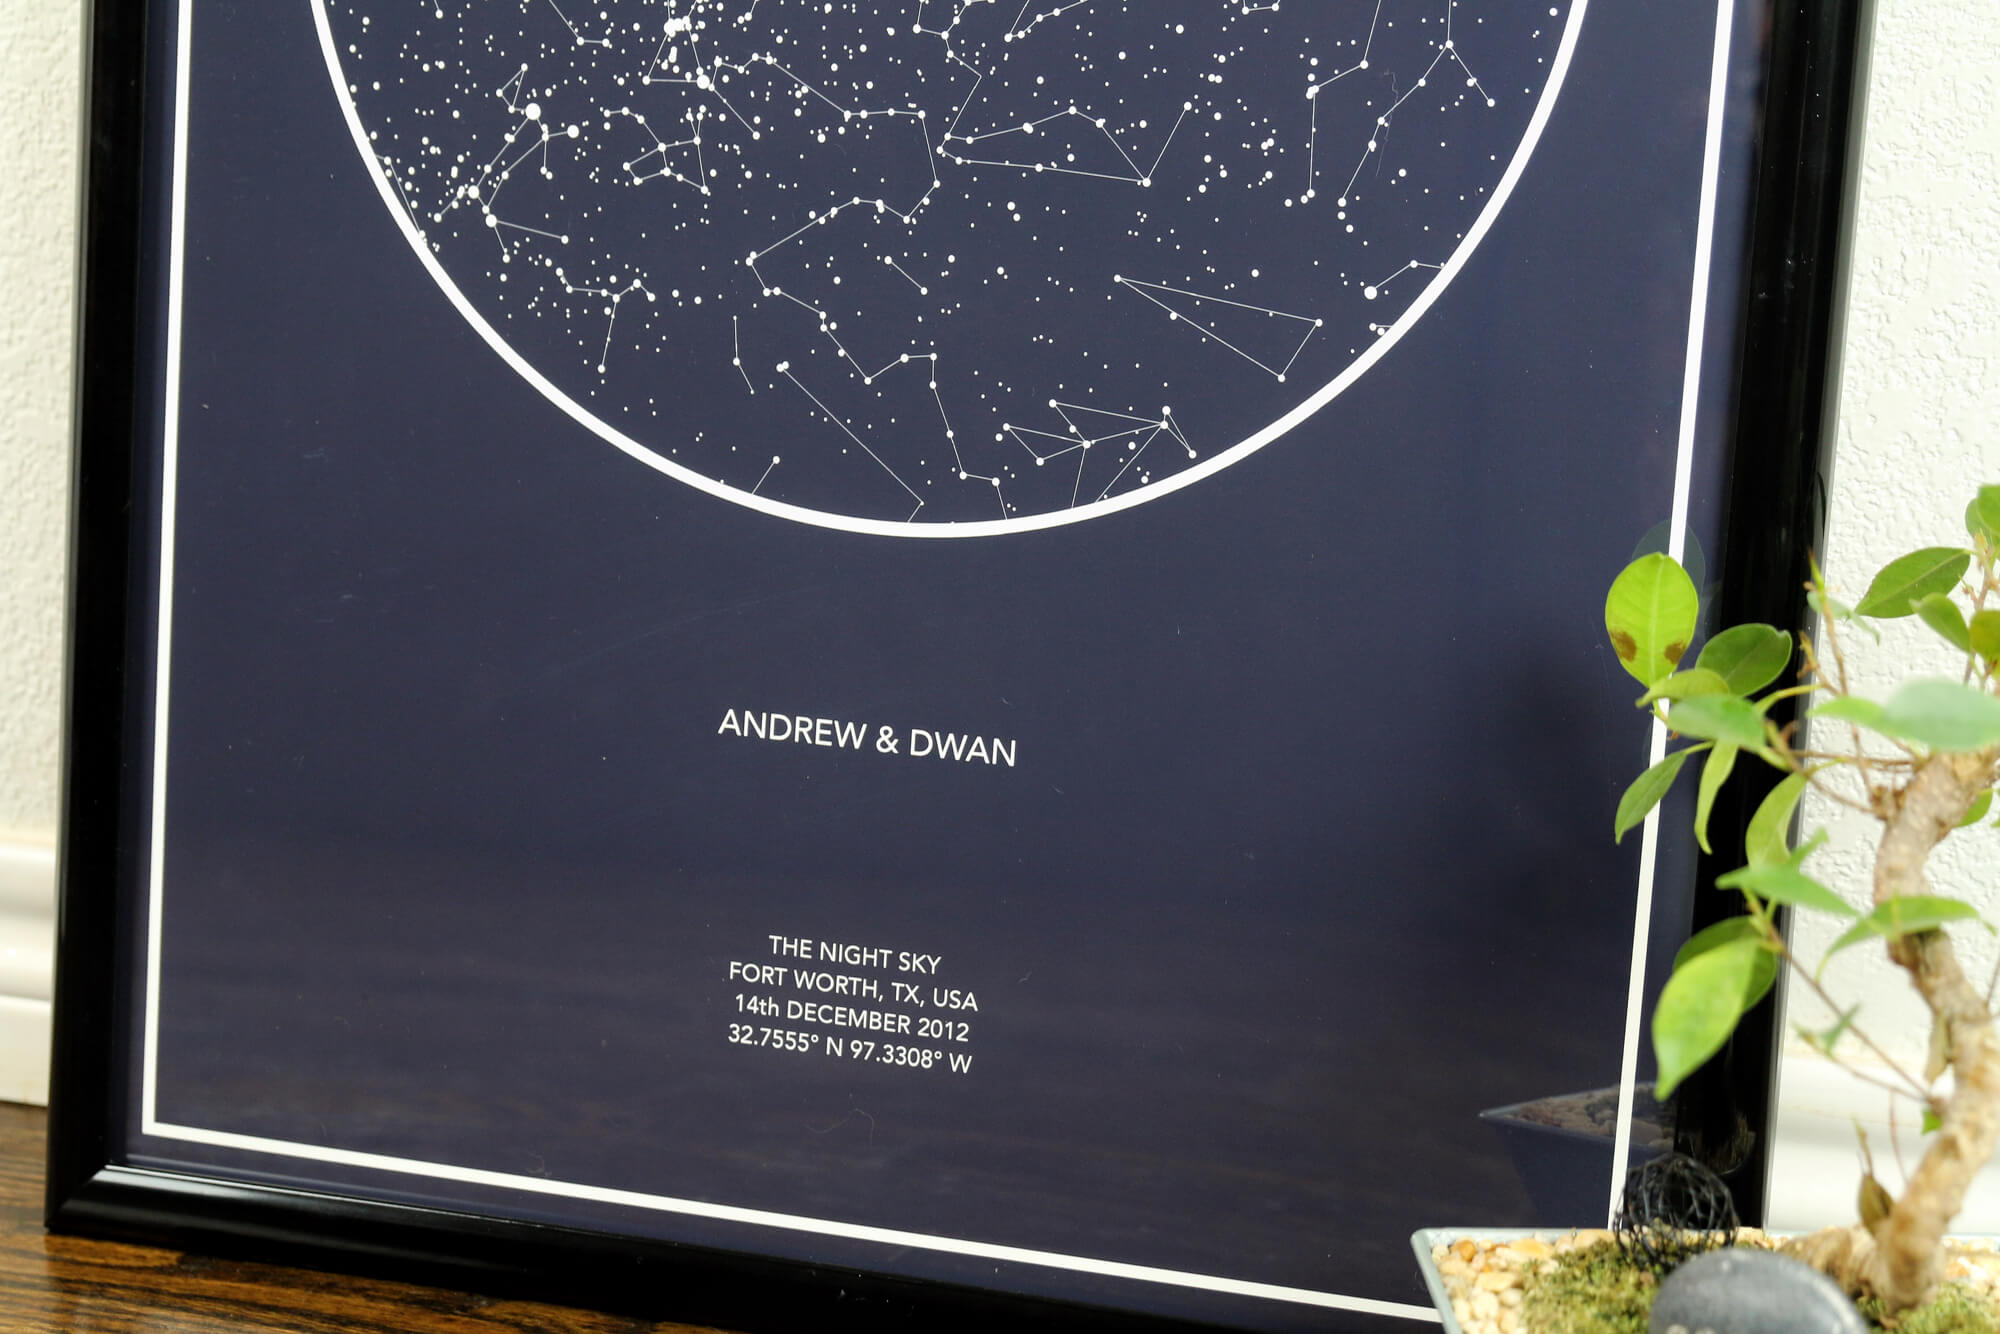 star print anniversary gift